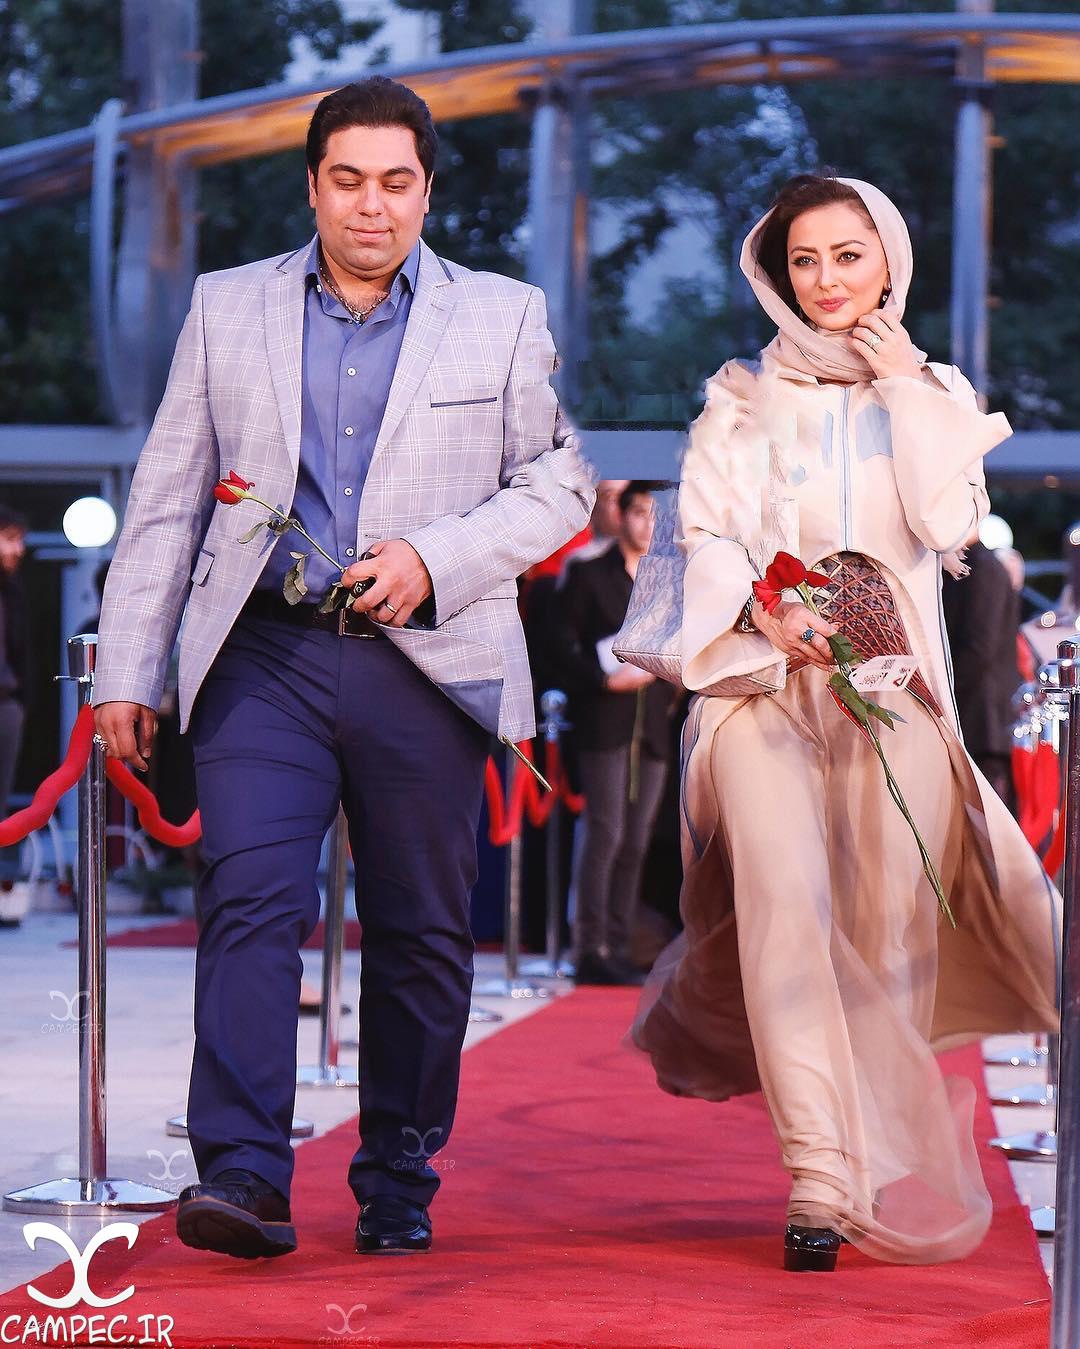 نفیسه روشن با همسرش در جشن حافظ